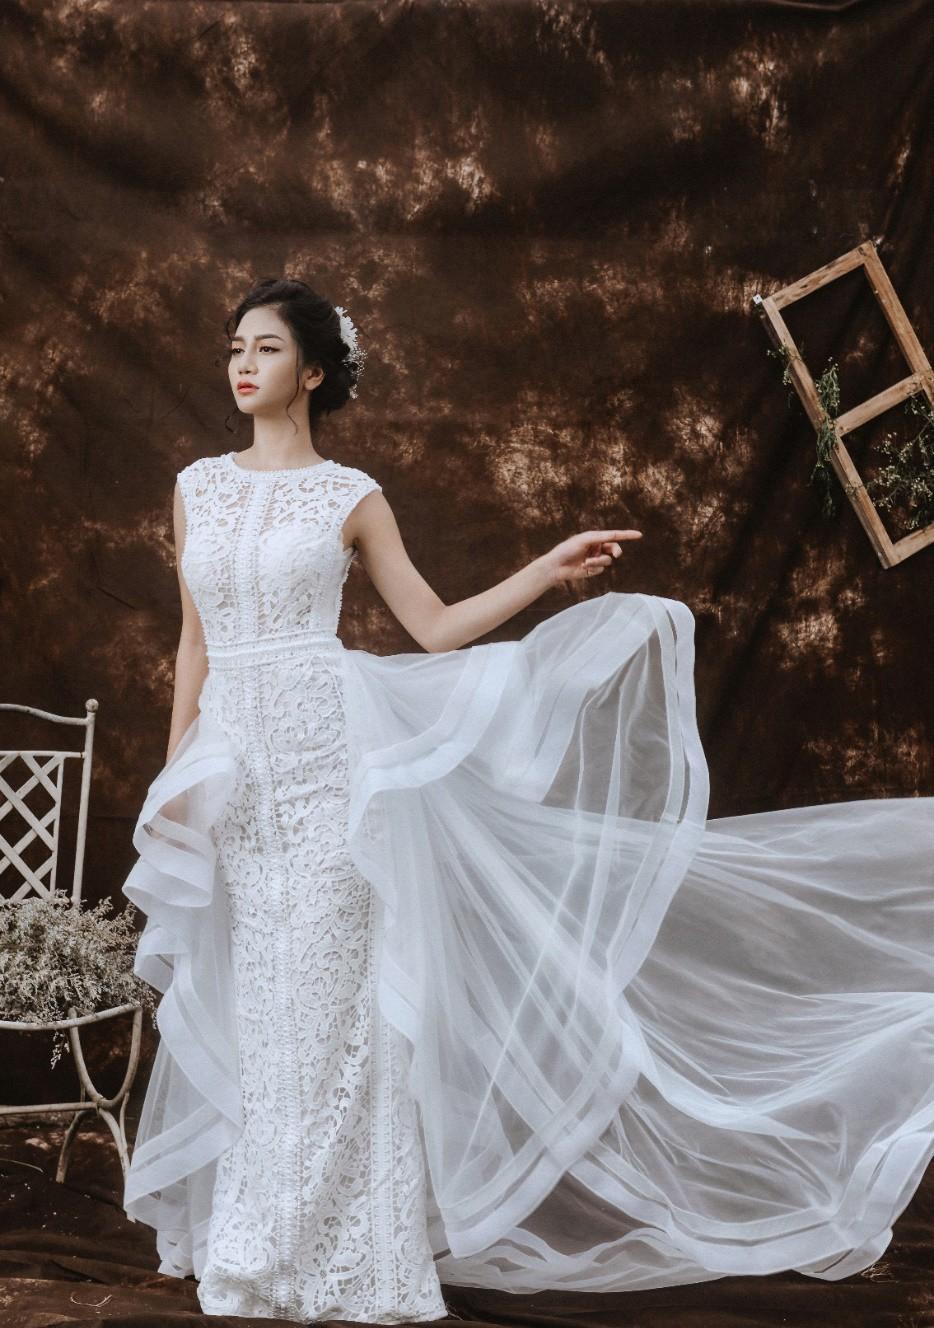 Top 10 Cửa hàng bán Váy cưới công chúa ở TPHCM. Bạn đang lo âu khi gần đến ngày cưới mà vẫn chưa tìm được cho mình một chiếc váy cưới công chúa ưng ý, vừa đẹp lại vừa sang trọng và đẳng cấp. Nếu bạn còn đang phân vân không biết tìm đầm nơi đâu, thì bài viết này sẽ giúp bạn. Hôm nay chúng tôi xin mách http://Top 10 Cửa hàng bán Váy cưới công chúa ở TPHCMmà bạn nên tham khảo.